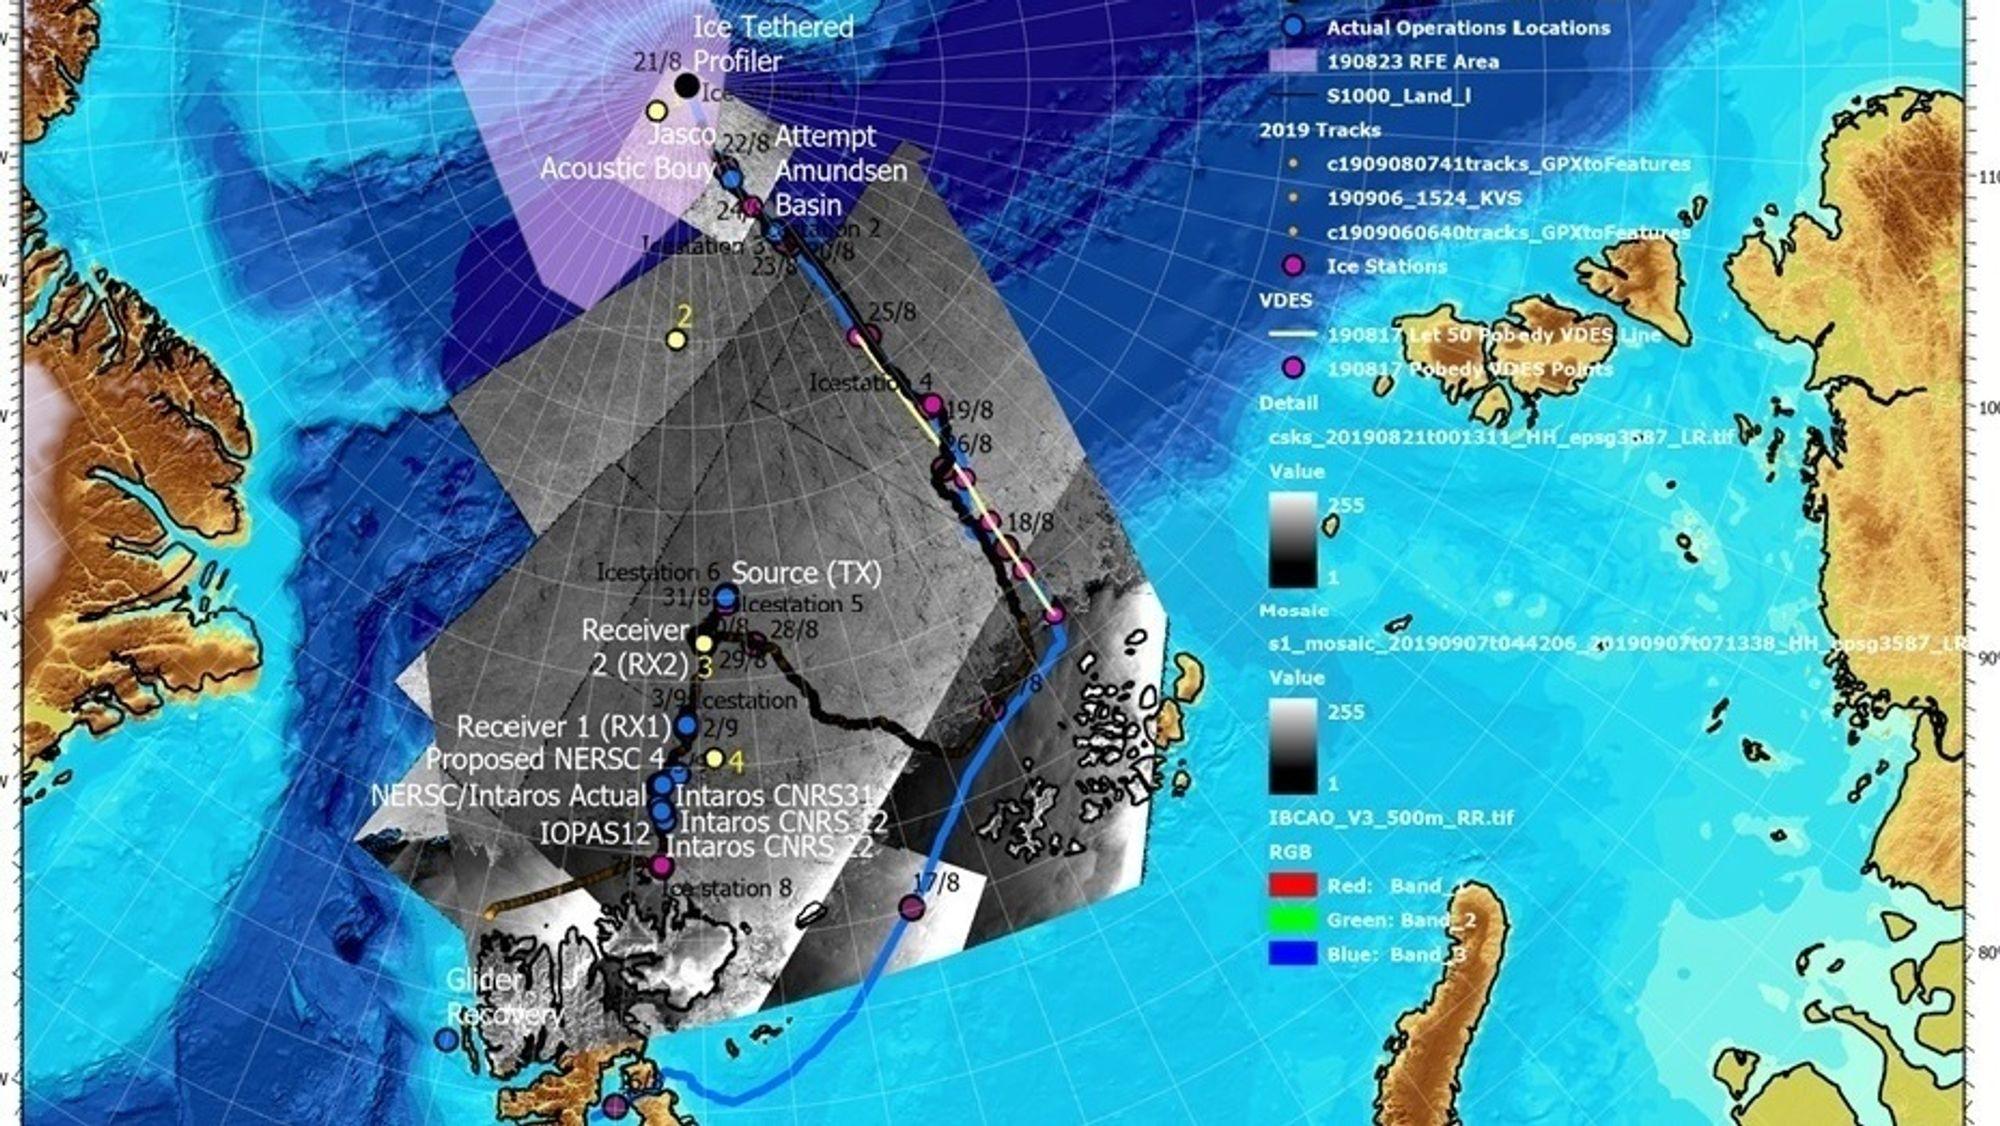 Slik så det ut da KV Svalbard navigerte i råkene fra tidligere skipspasseringer i polisen.